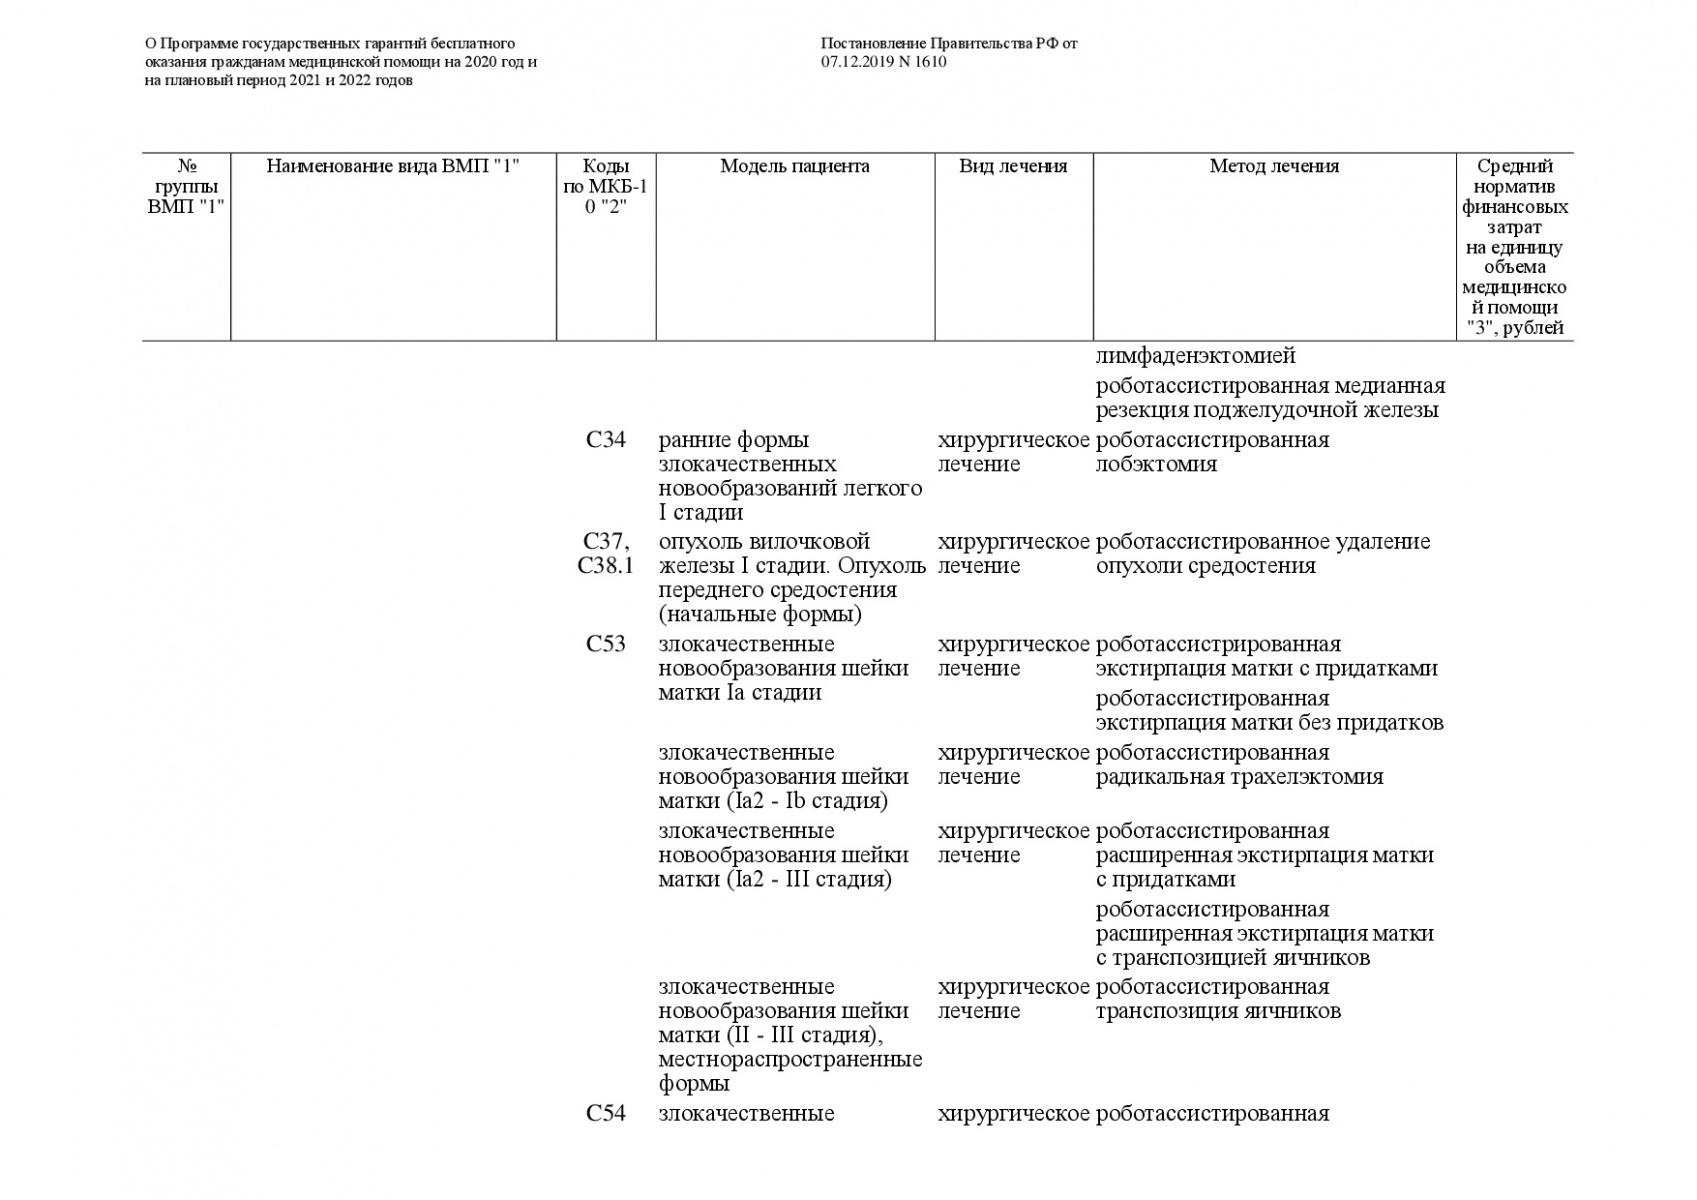 Postanovlenie-Pravitelstva-RF-ot-07_12_2019-1610-O-PGG-220